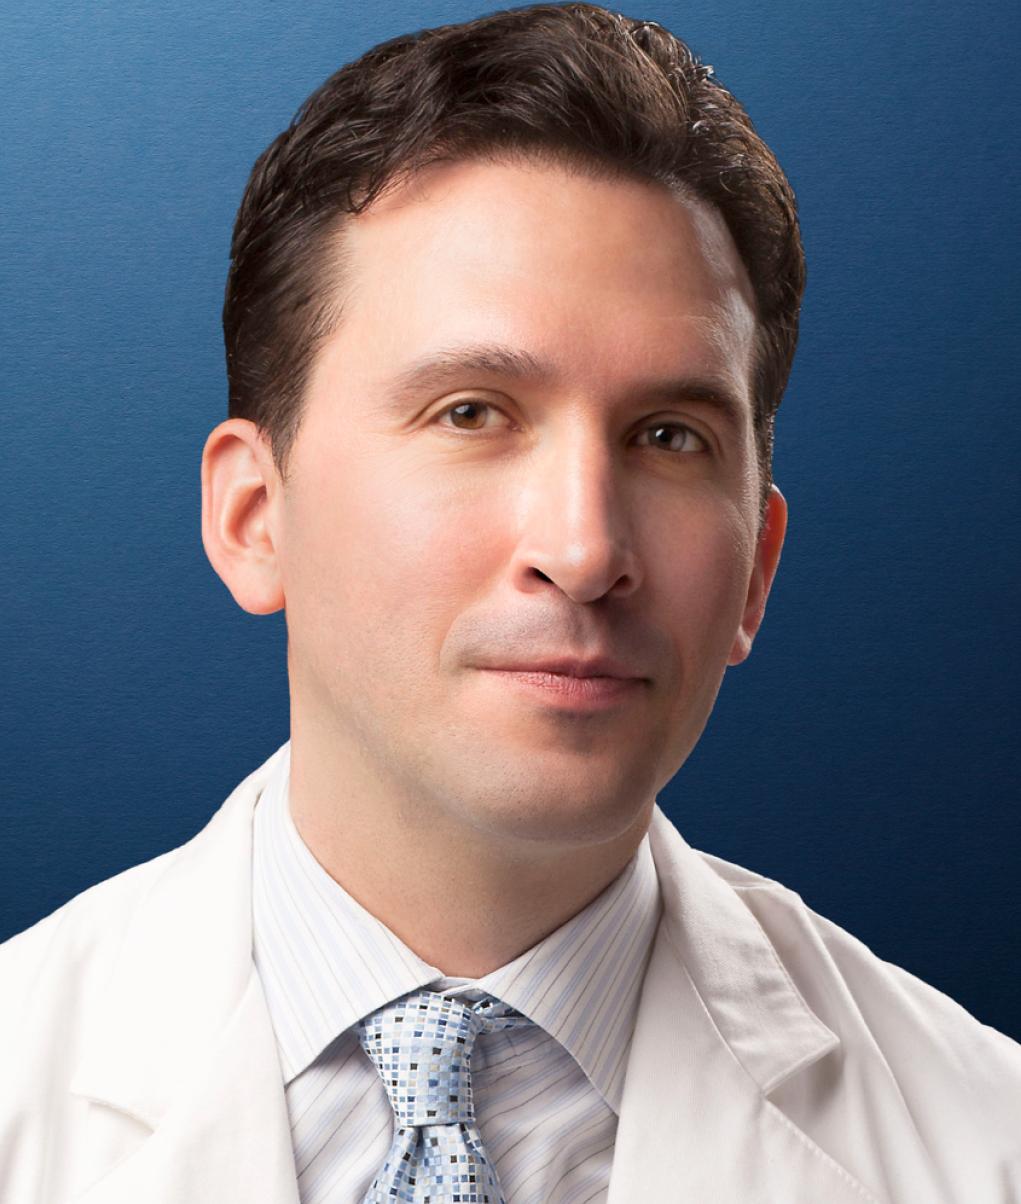 Dr. Caleb Hernandez